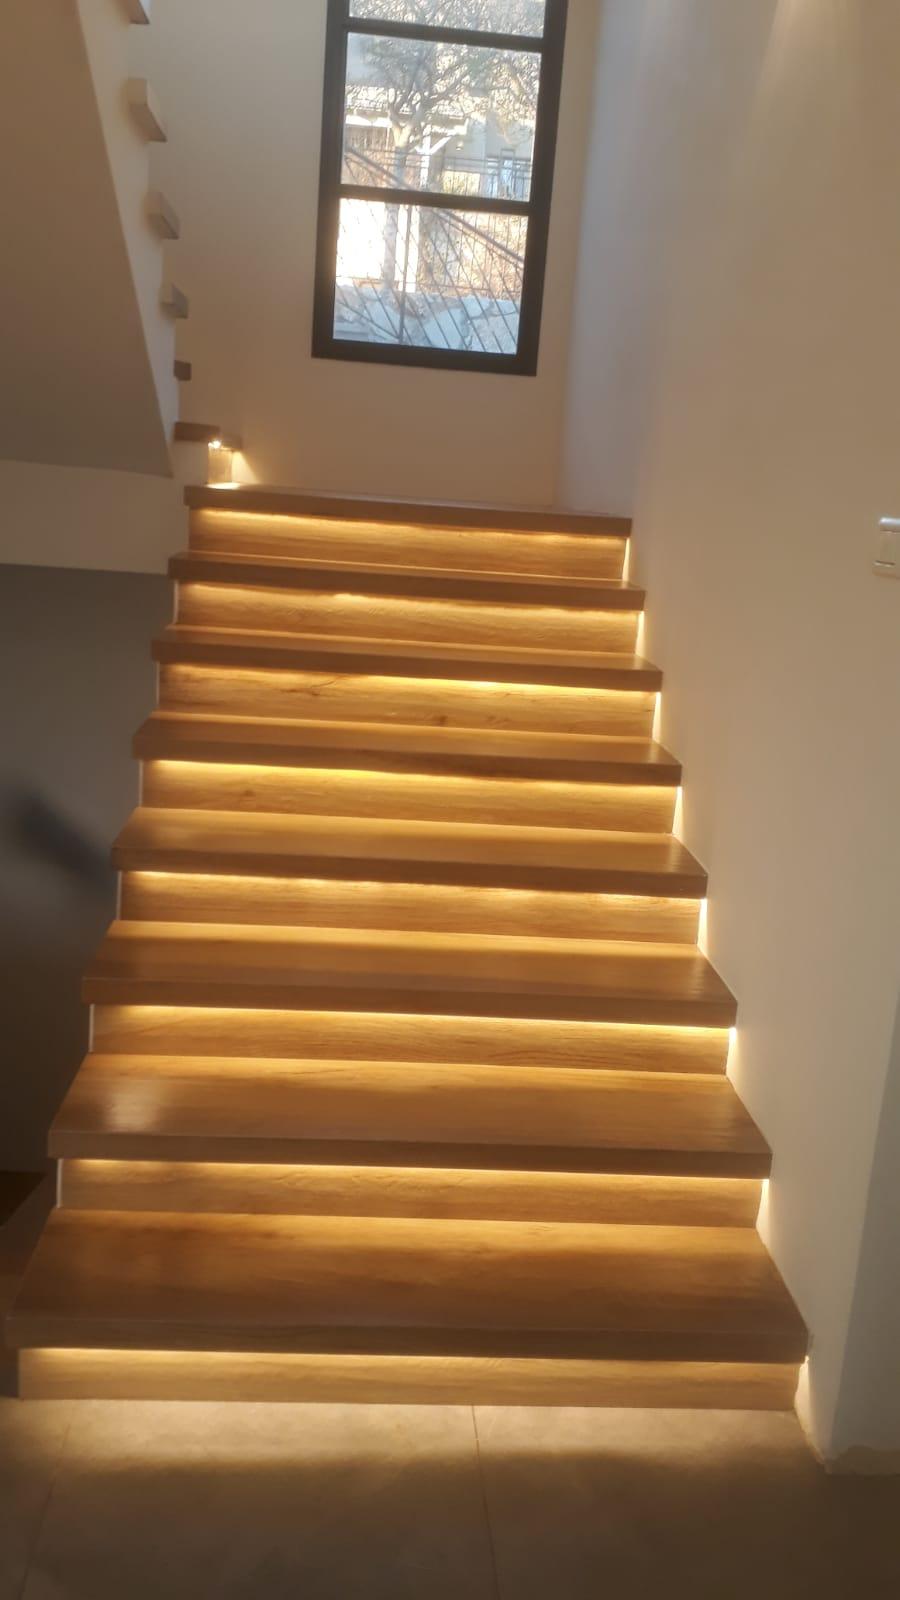 פרויקט הכנת והתקנת מדרגות פורצלן דמוי פרקט עם פס לד